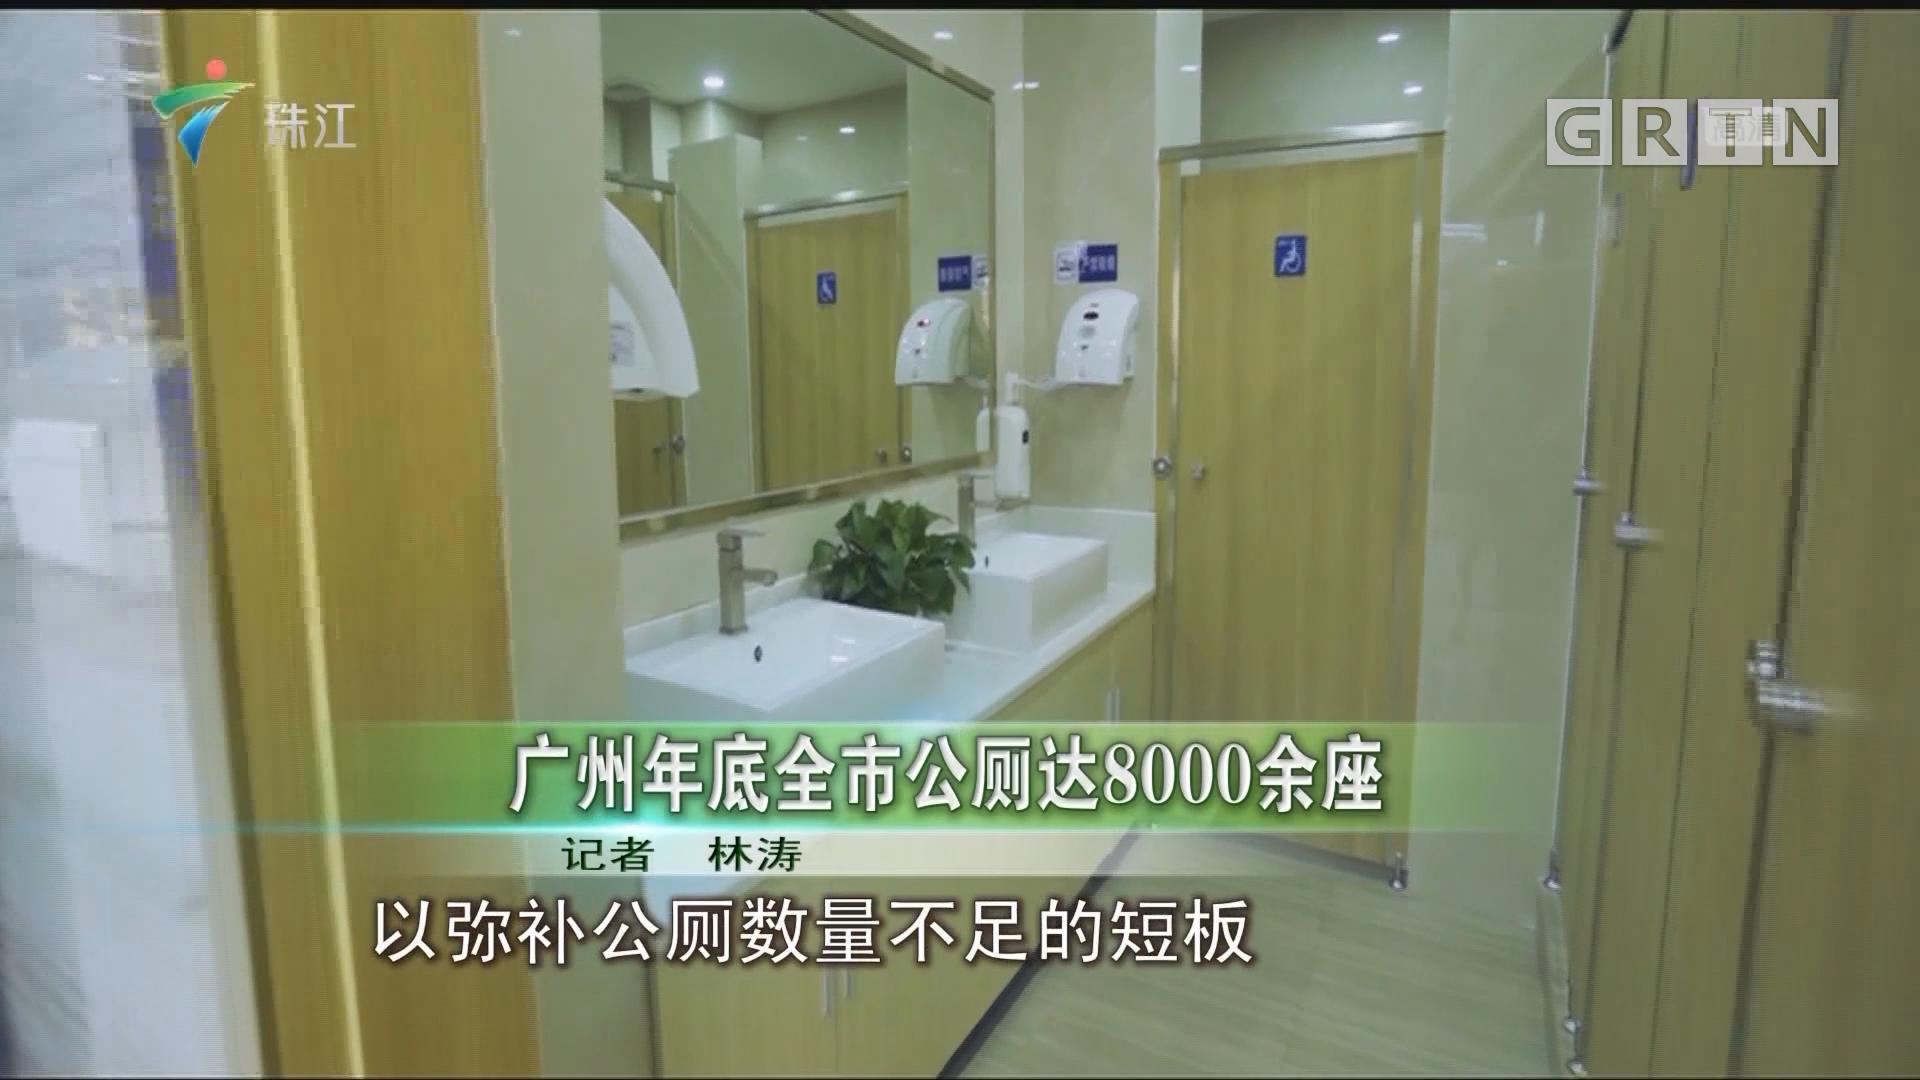 廣州年底全市公廁達8000余座